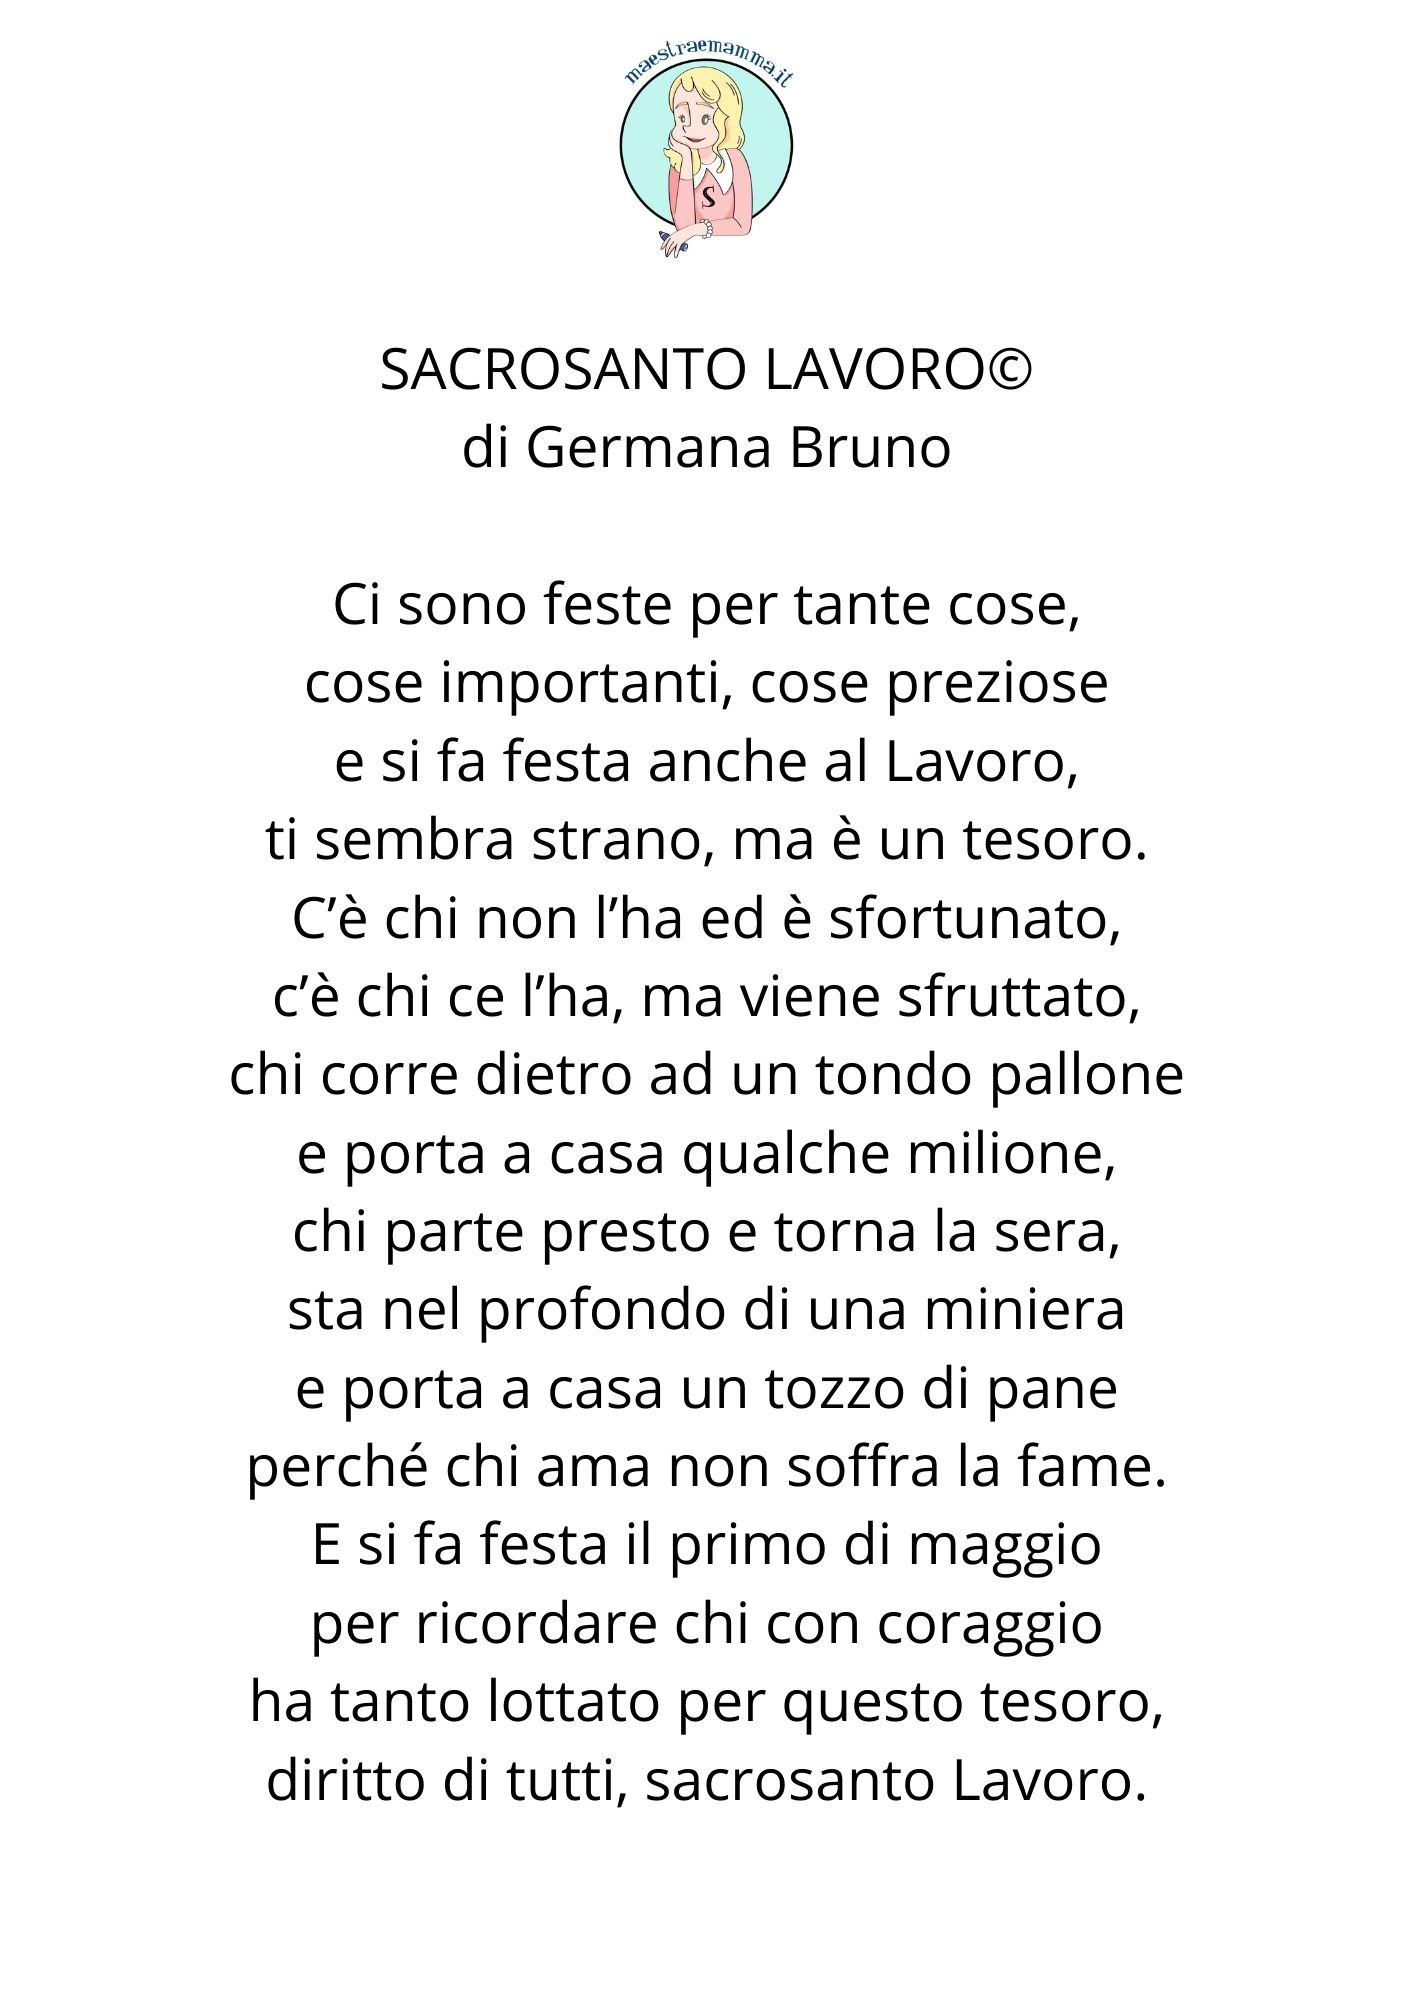 1° MAGGIO , FESTA DEL LAVORO - nuova poesia di Germana Bruno